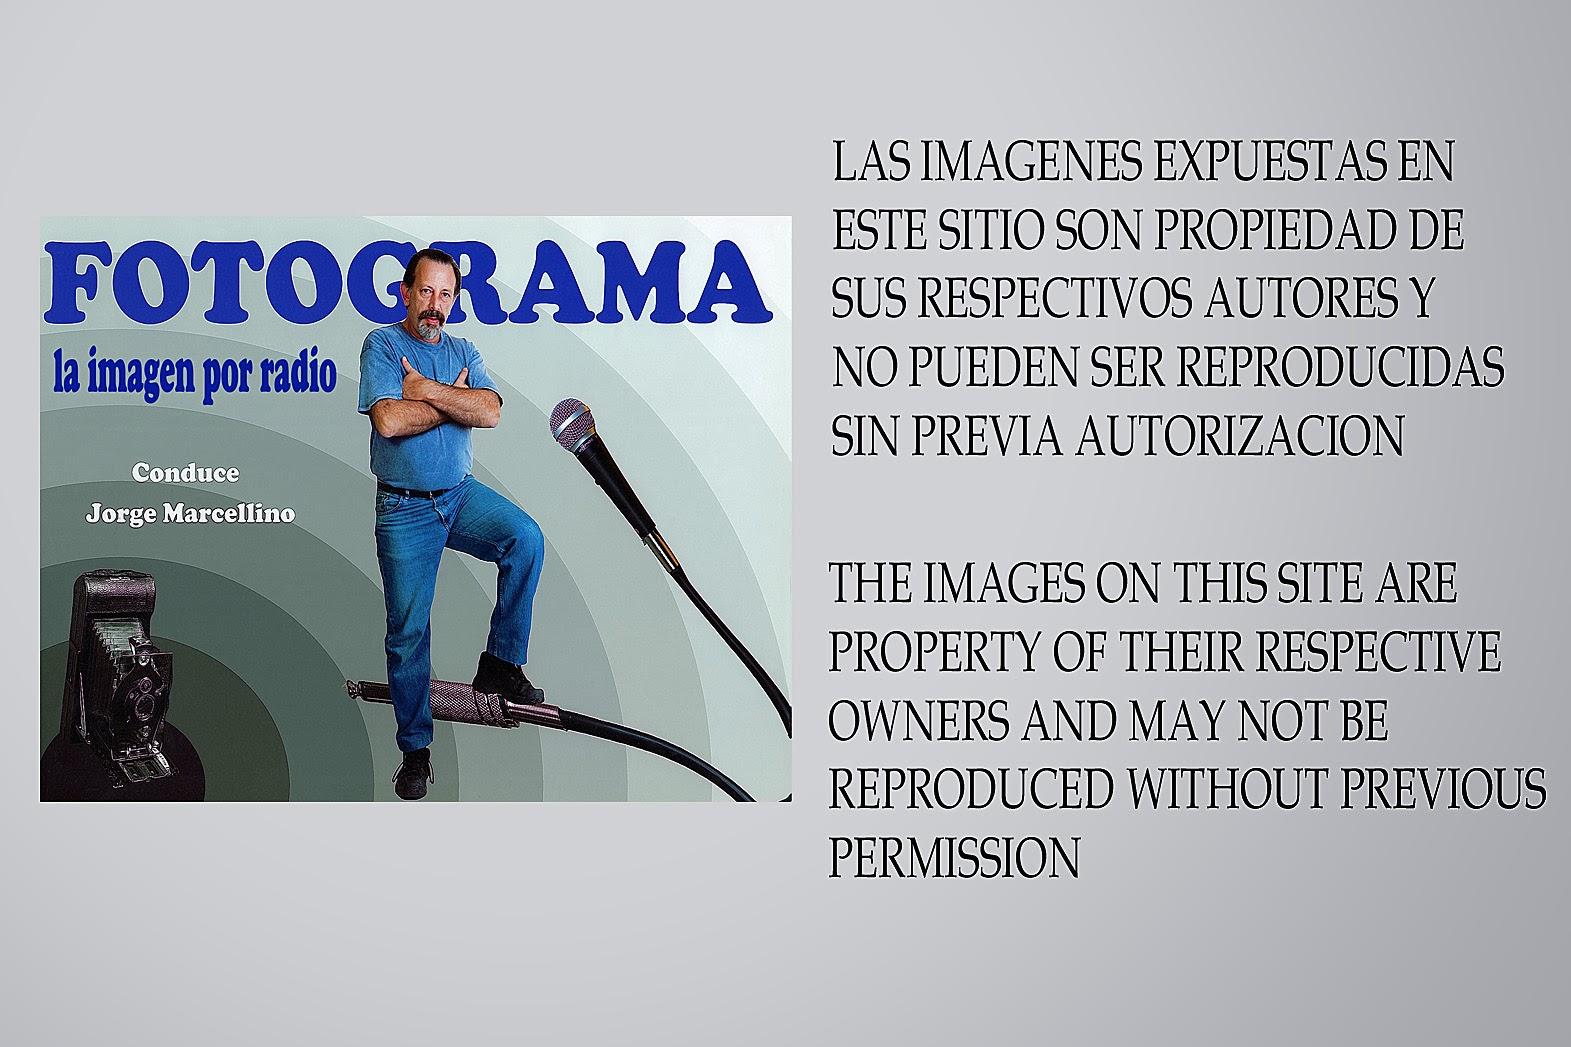 FOTOGRAMA La imagen por radio